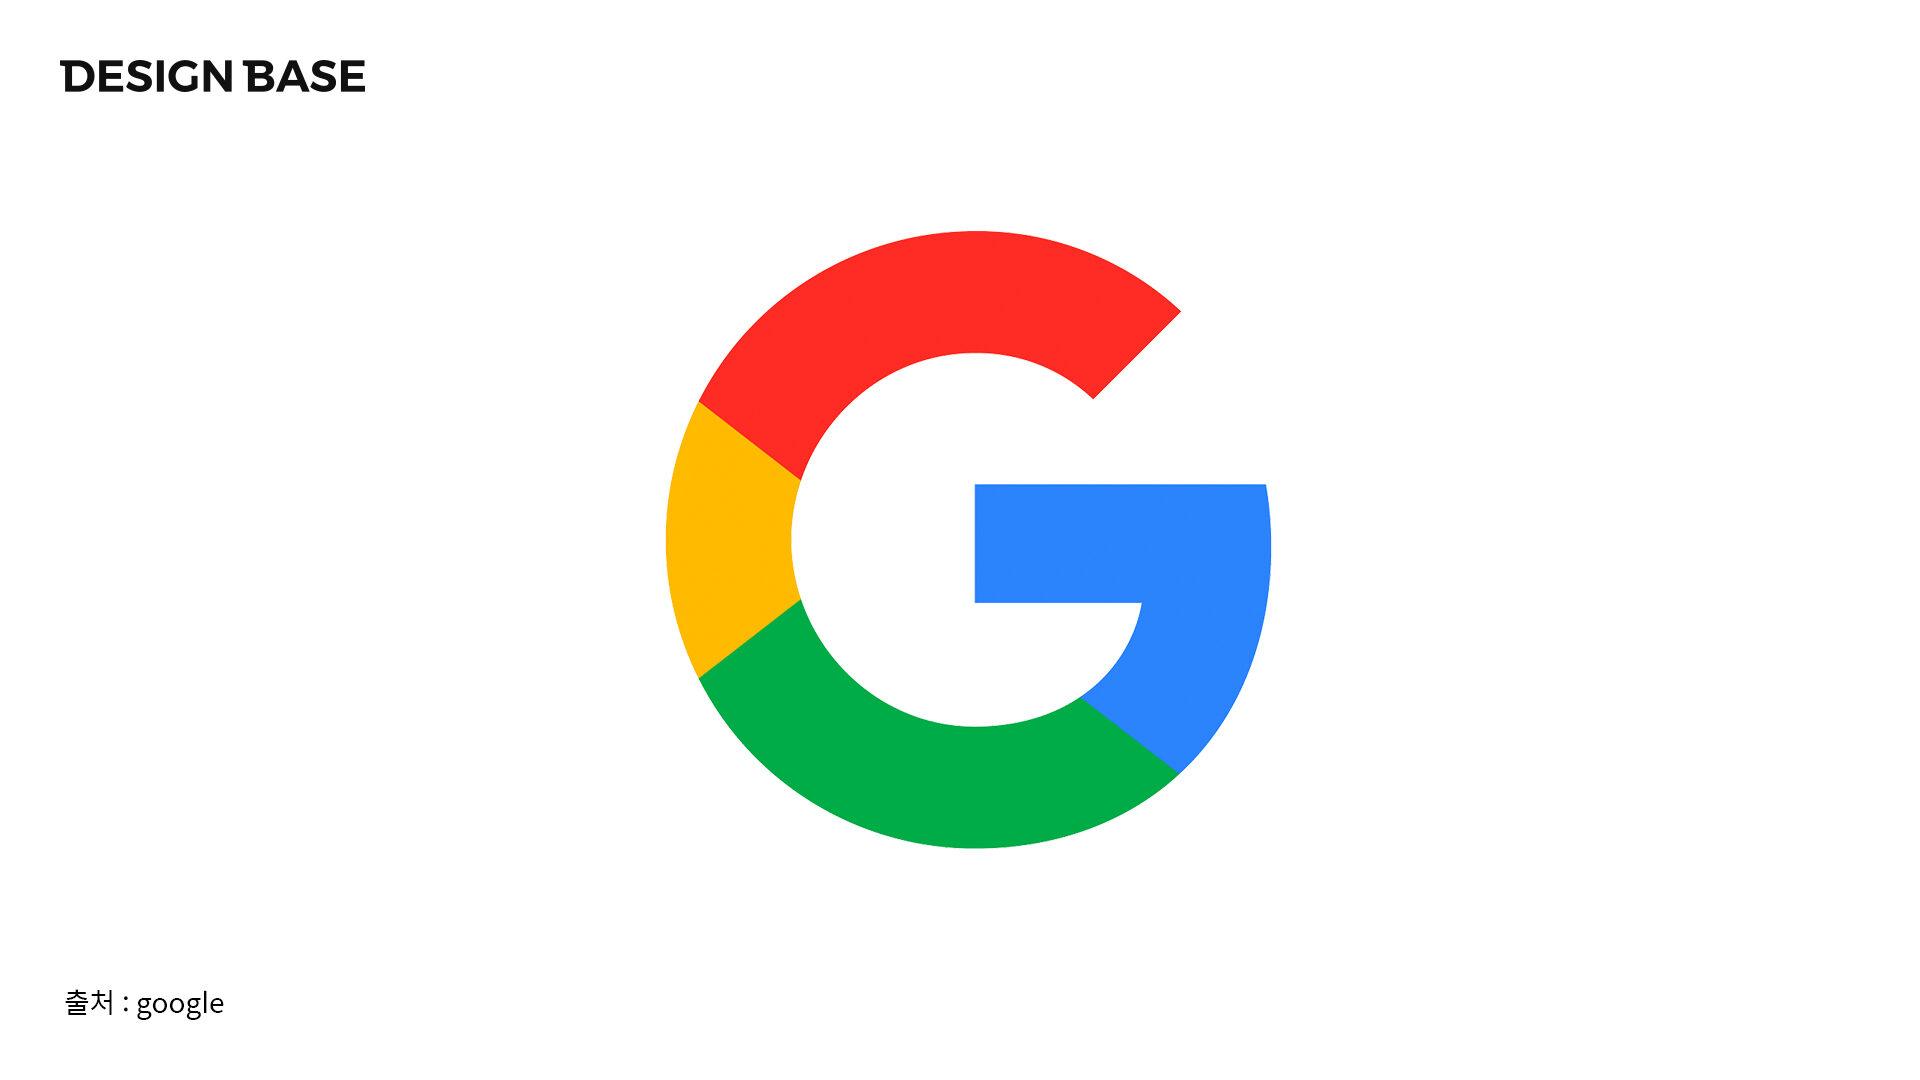 시각보정 예시 - 구글 로고